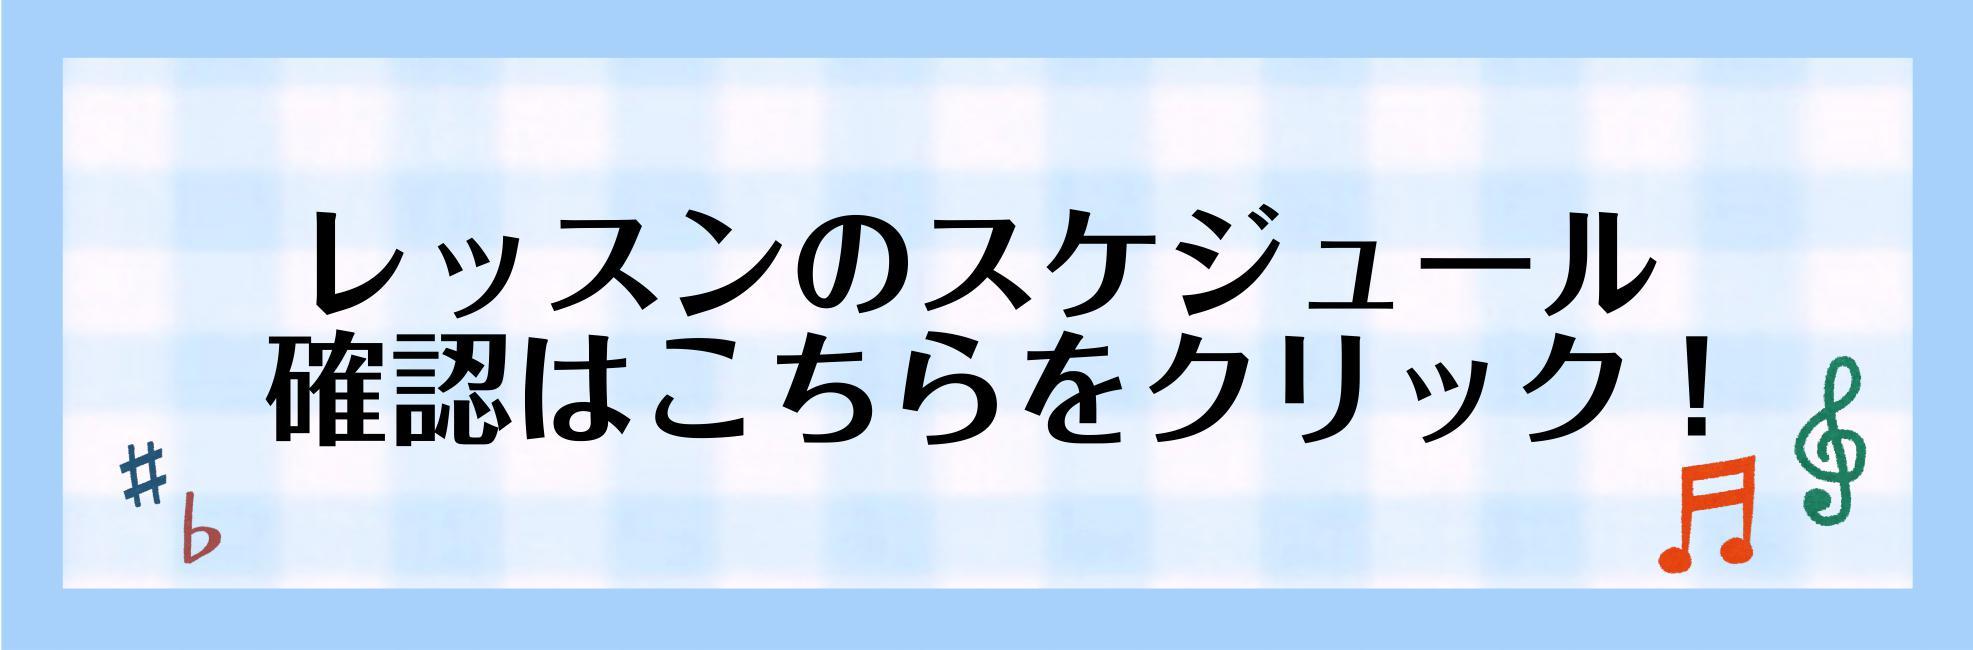 川口駅前島村楽器音楽教室体験レッスンスケジュール